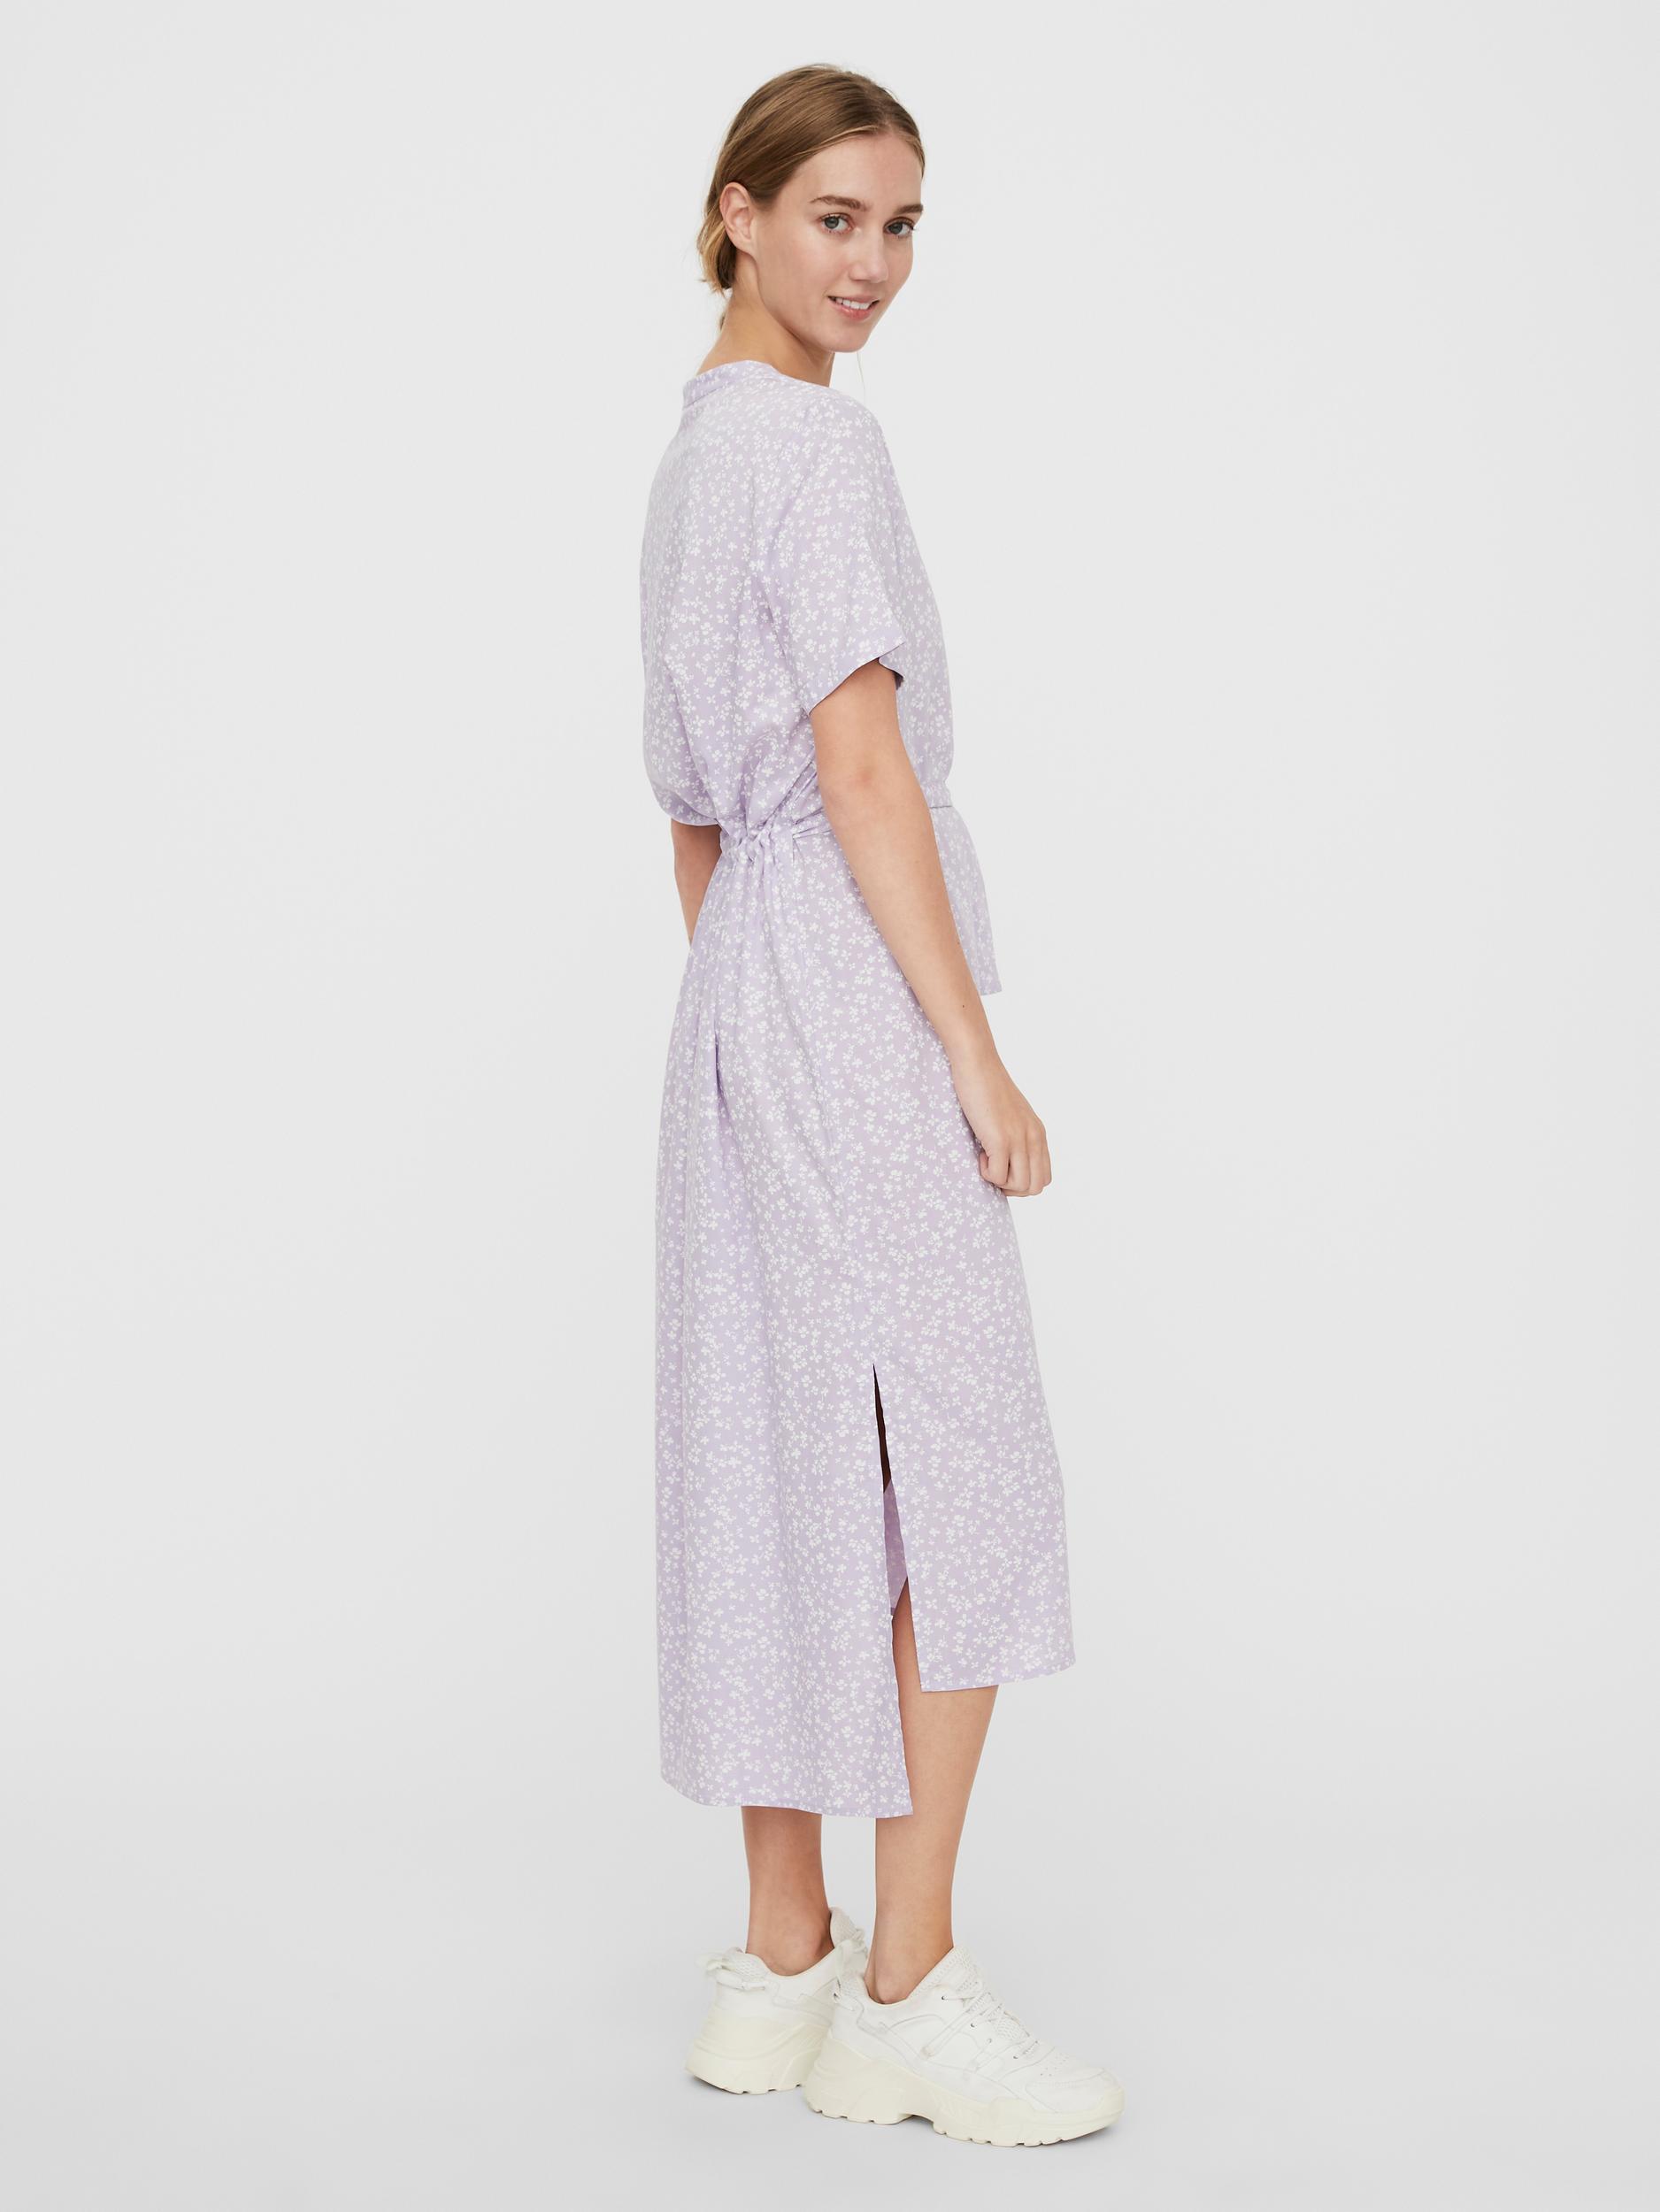 Vero Moda Simone midi-kjole, pastel lilac, medium